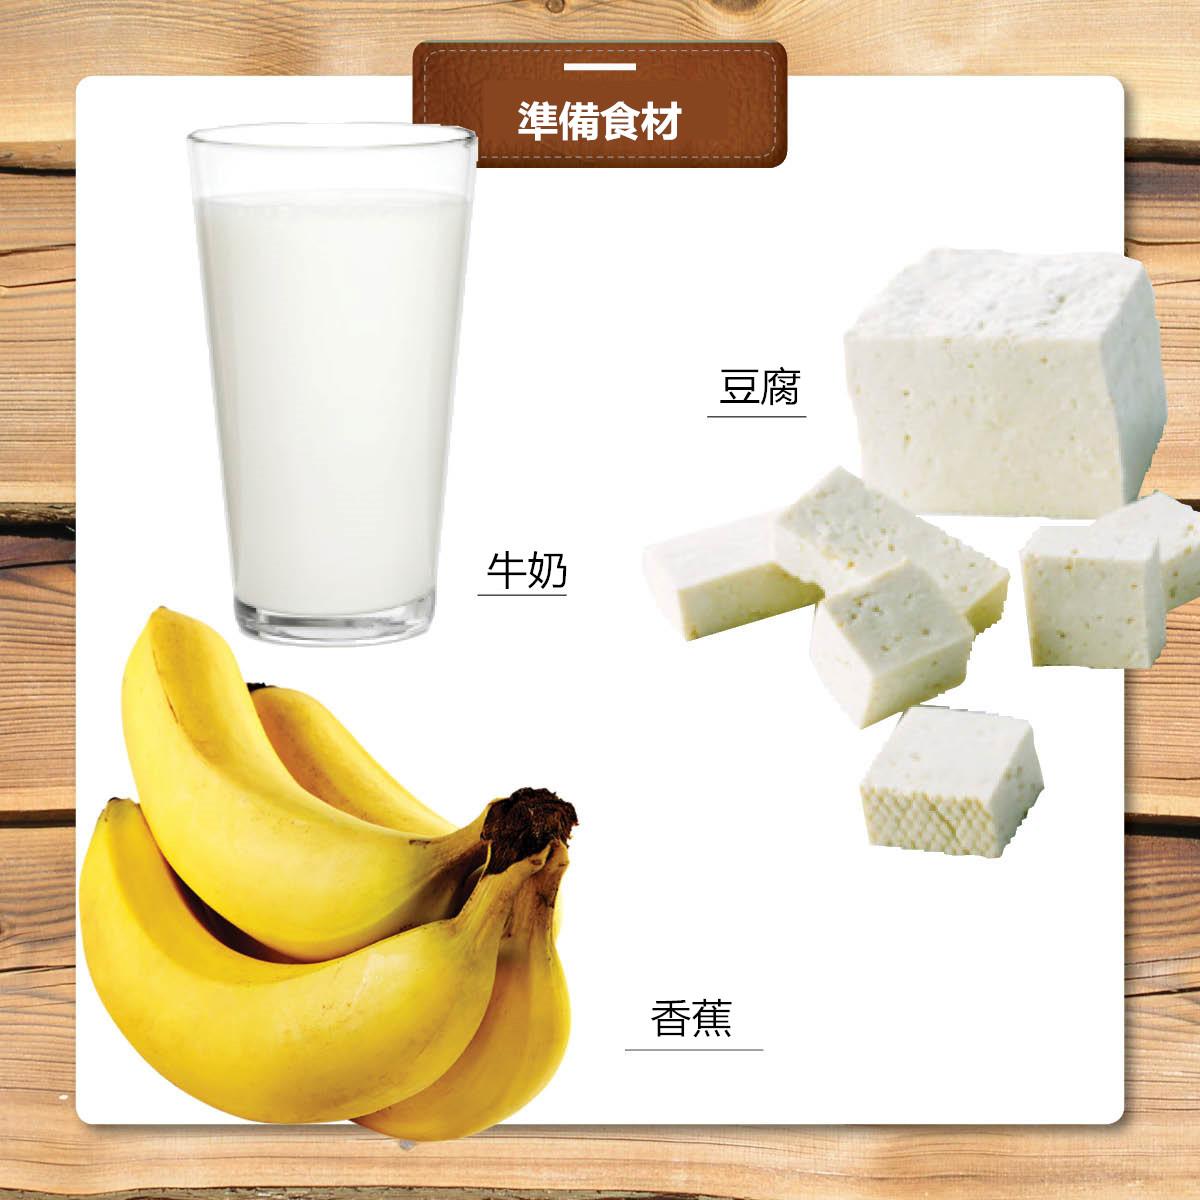 只要半塊豆腐,一根香蕉,一杯牛奶。